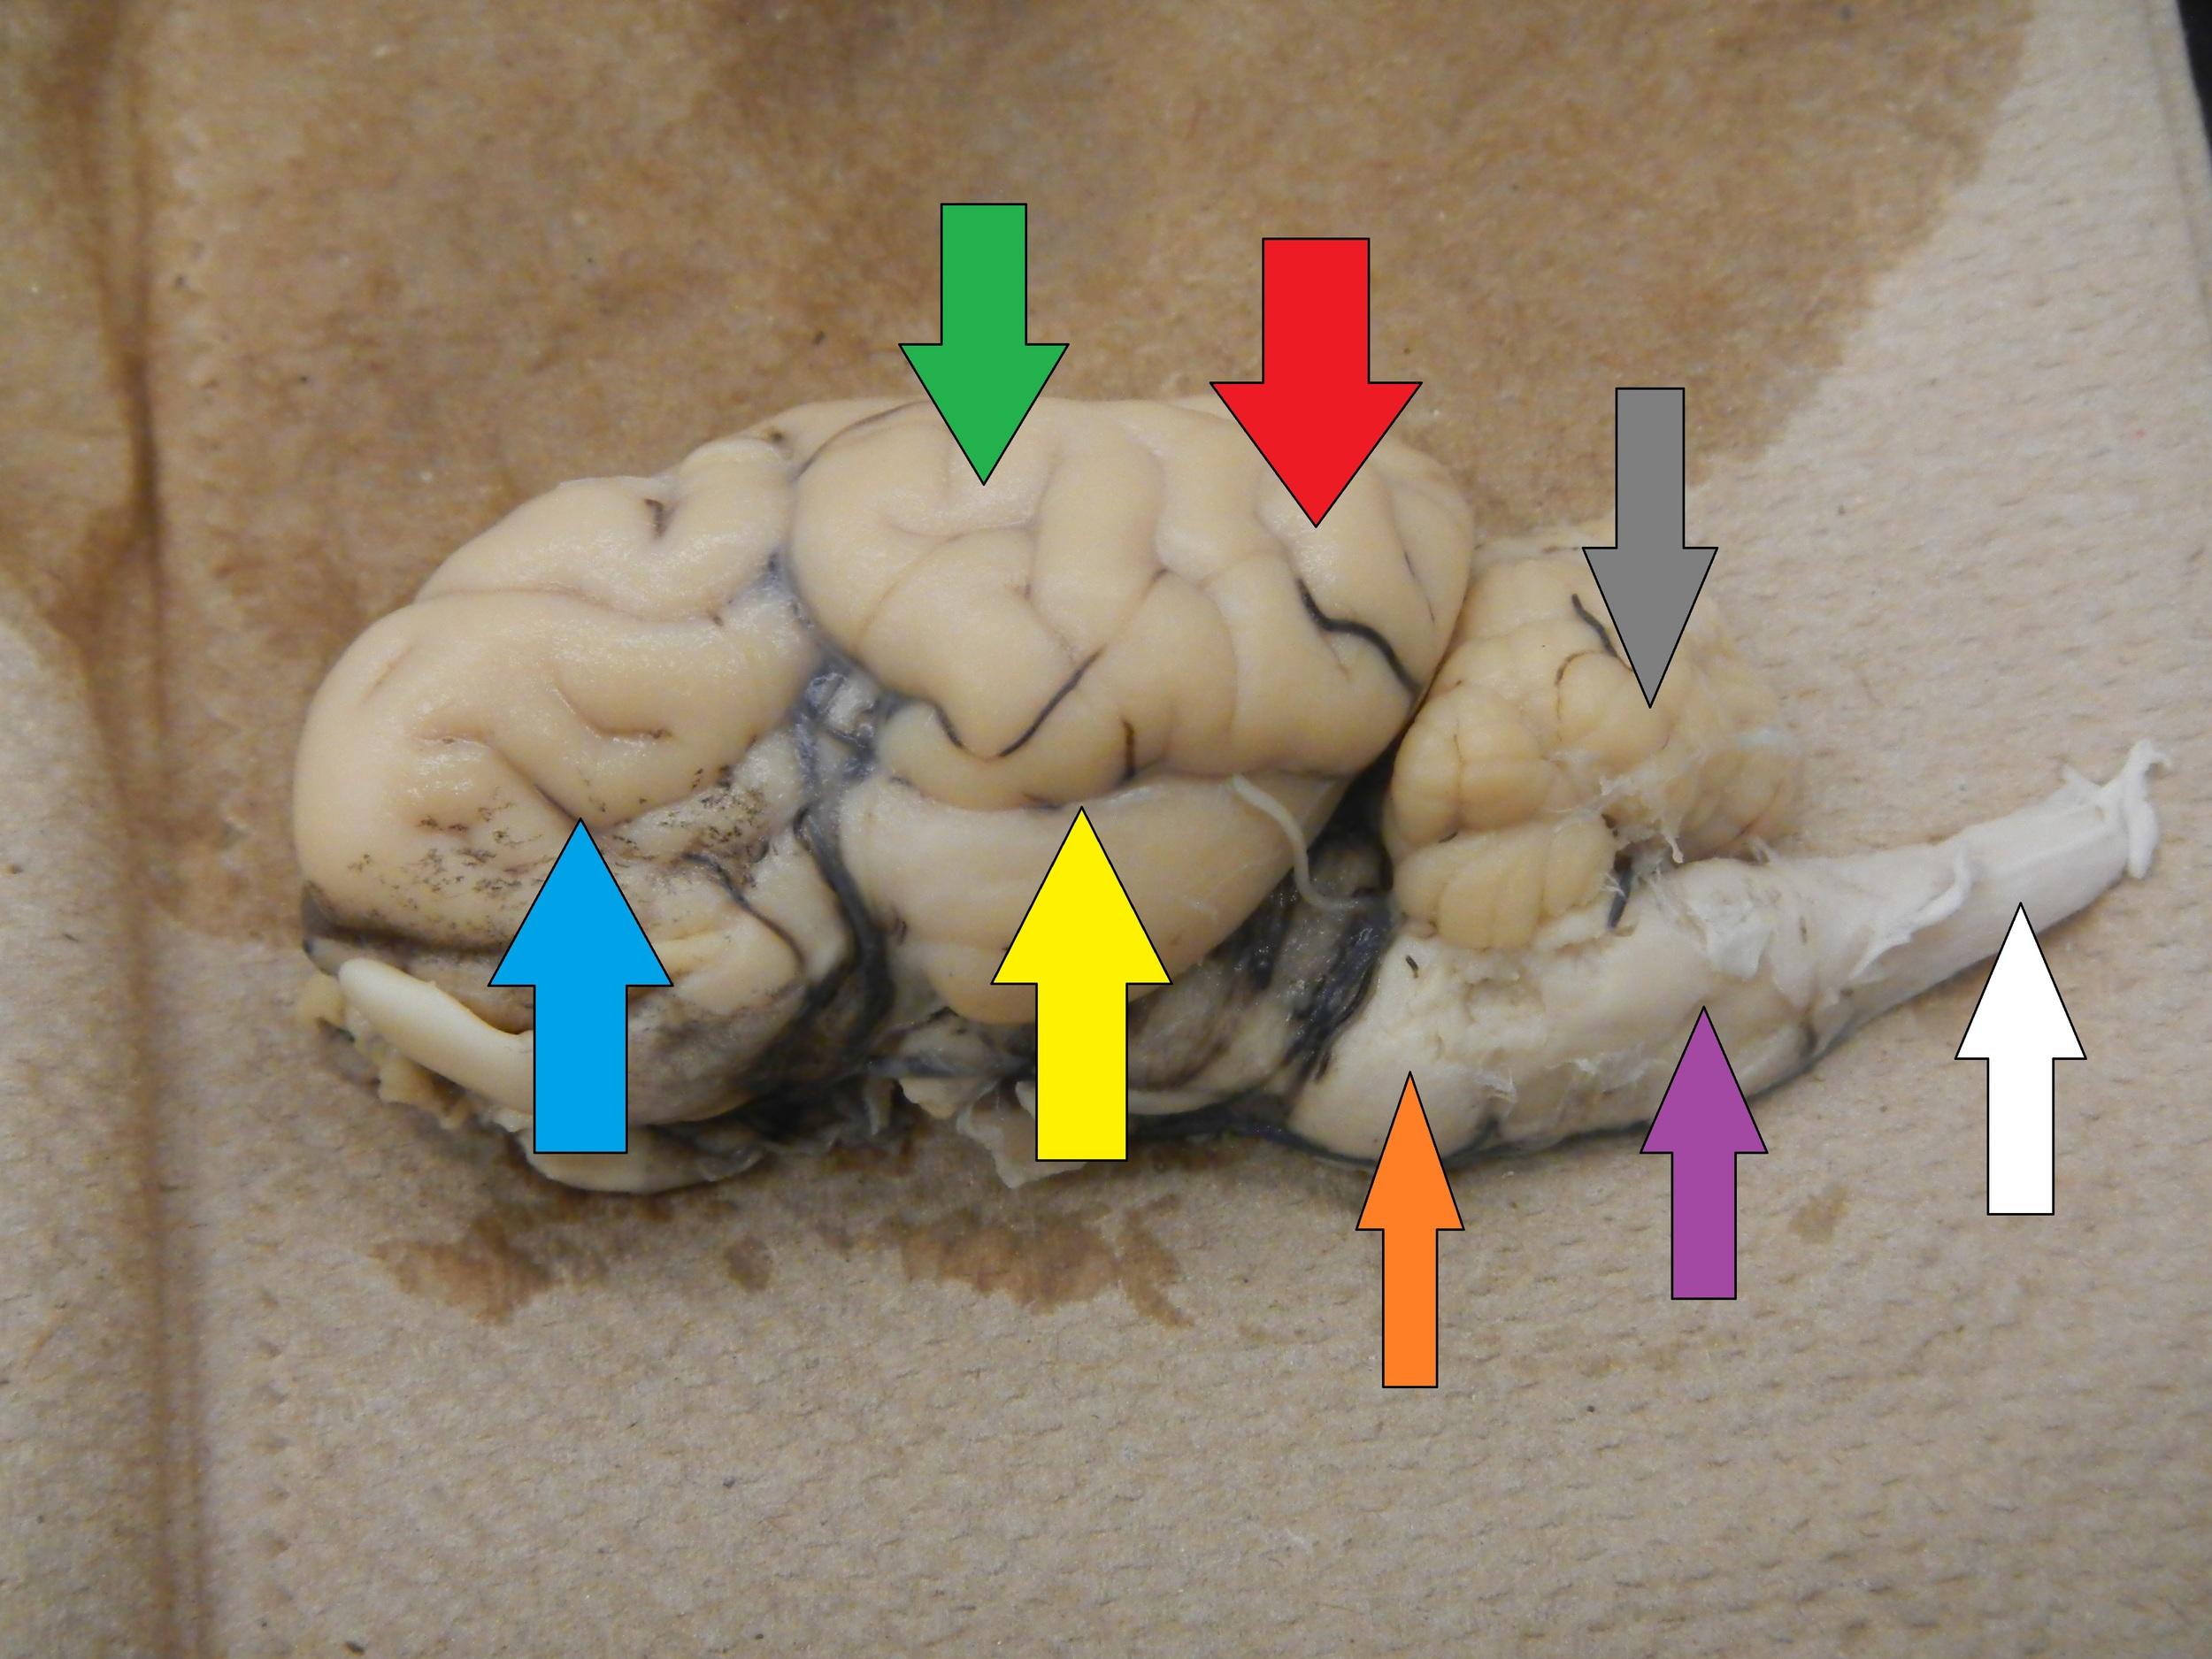 Blue - Frontal Area/Lobe  Green - Parietal Area/Lobe  Red - Occipital Area/Lobe  Yellow - Temporal Area/Lobe  Grey - Cerebellum  Orange - Pons  Purple - Medulla  White - Spinal Cord